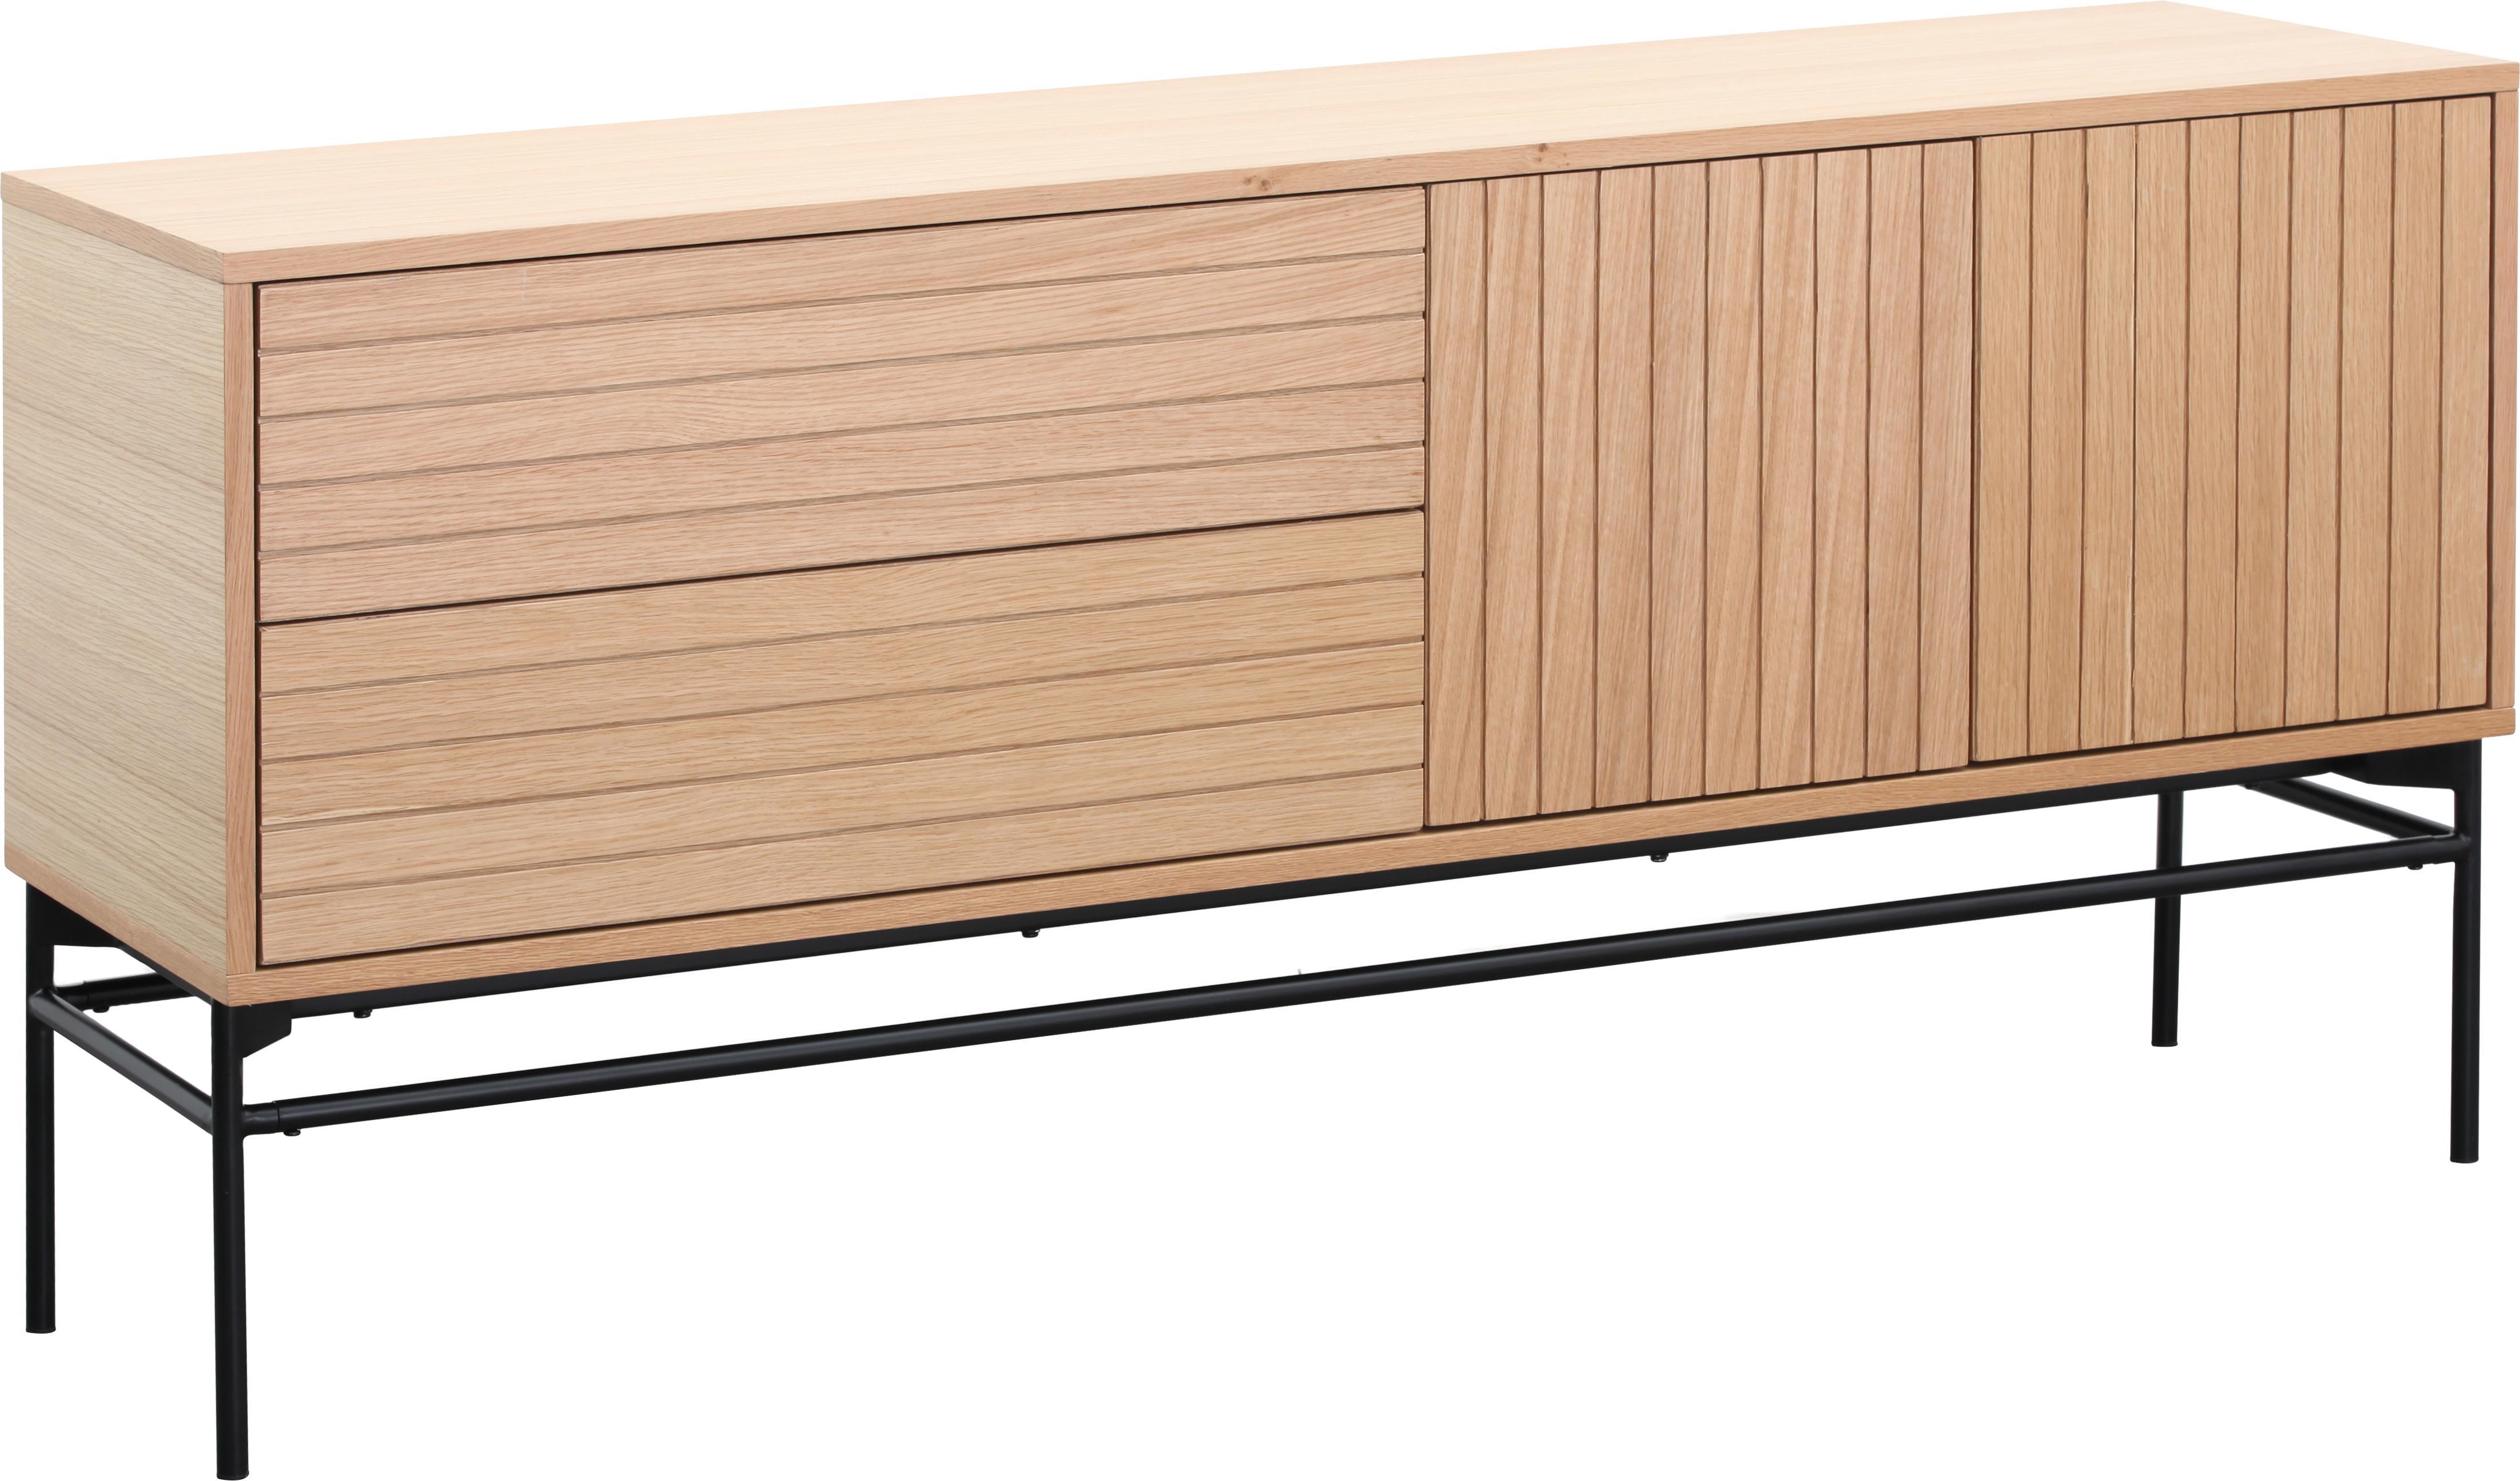 Credenza moderna Johan, Piedini: metallo verniciato a polv, Corpo: impiallacciato rovere Piedini: nero opaco, Larg. 160 x Alt. 75 cm